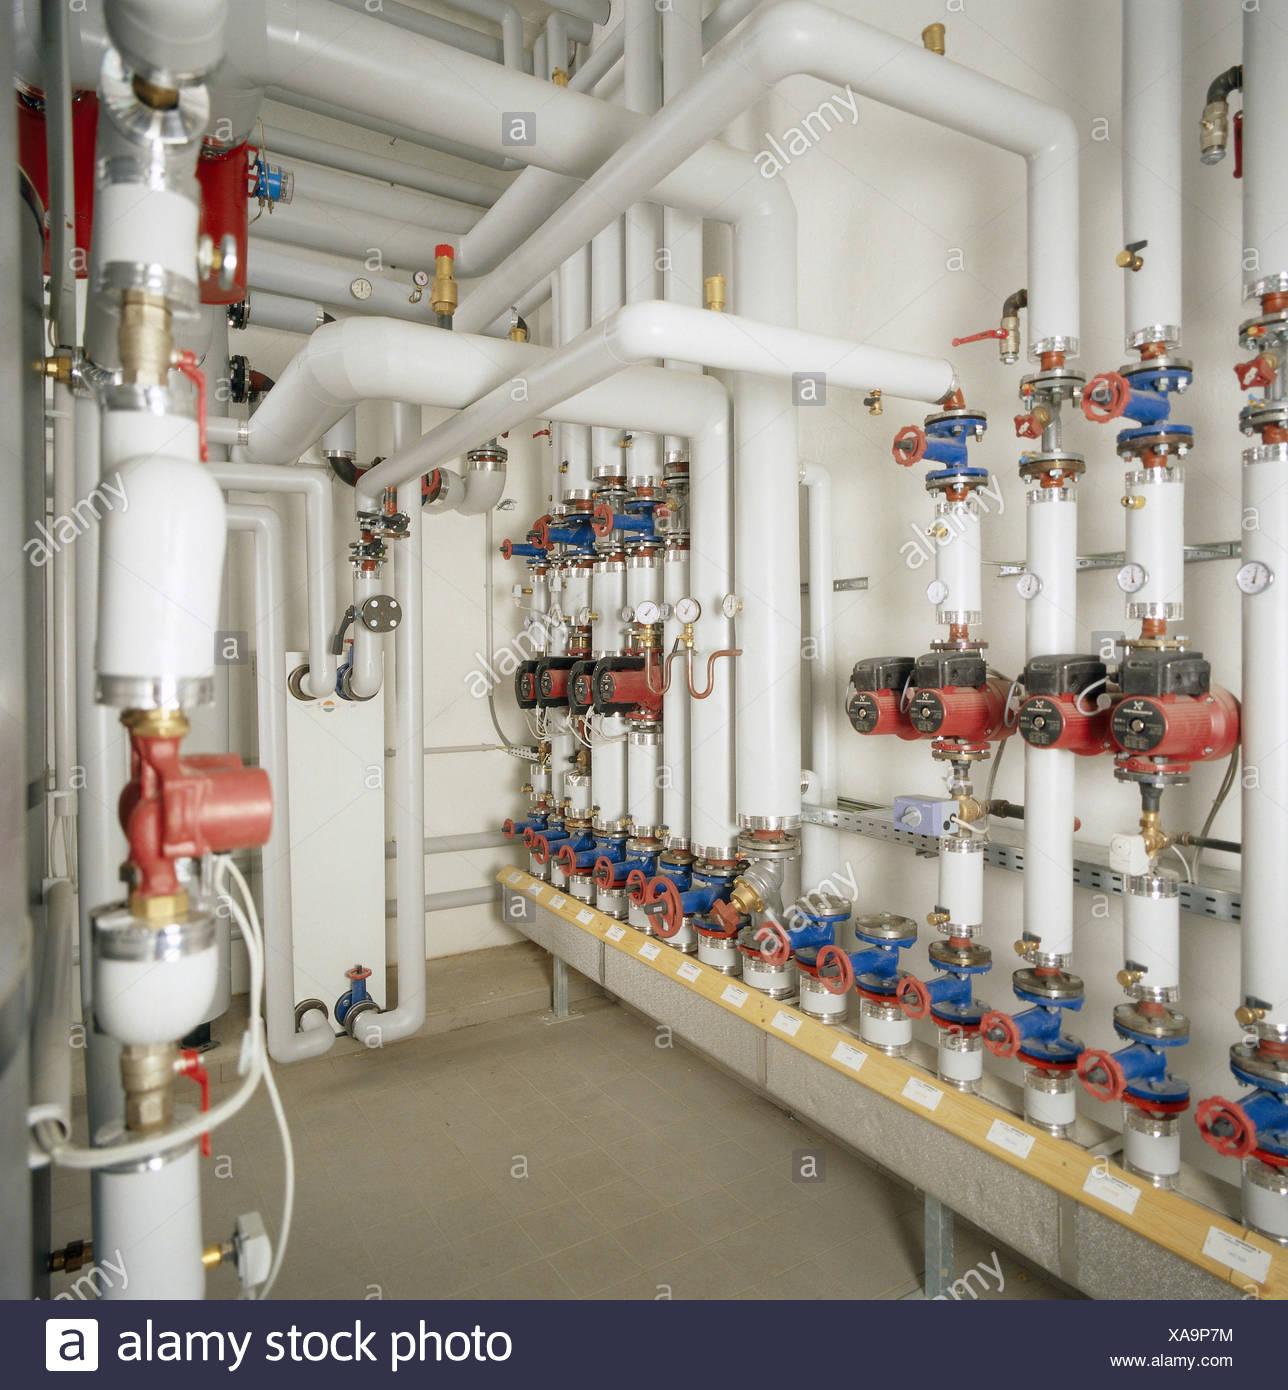 Gut gemocht Heizraum, Rohr, Detail, Ventile Warmwasser, Heizung, Heizung, Rohr SD38